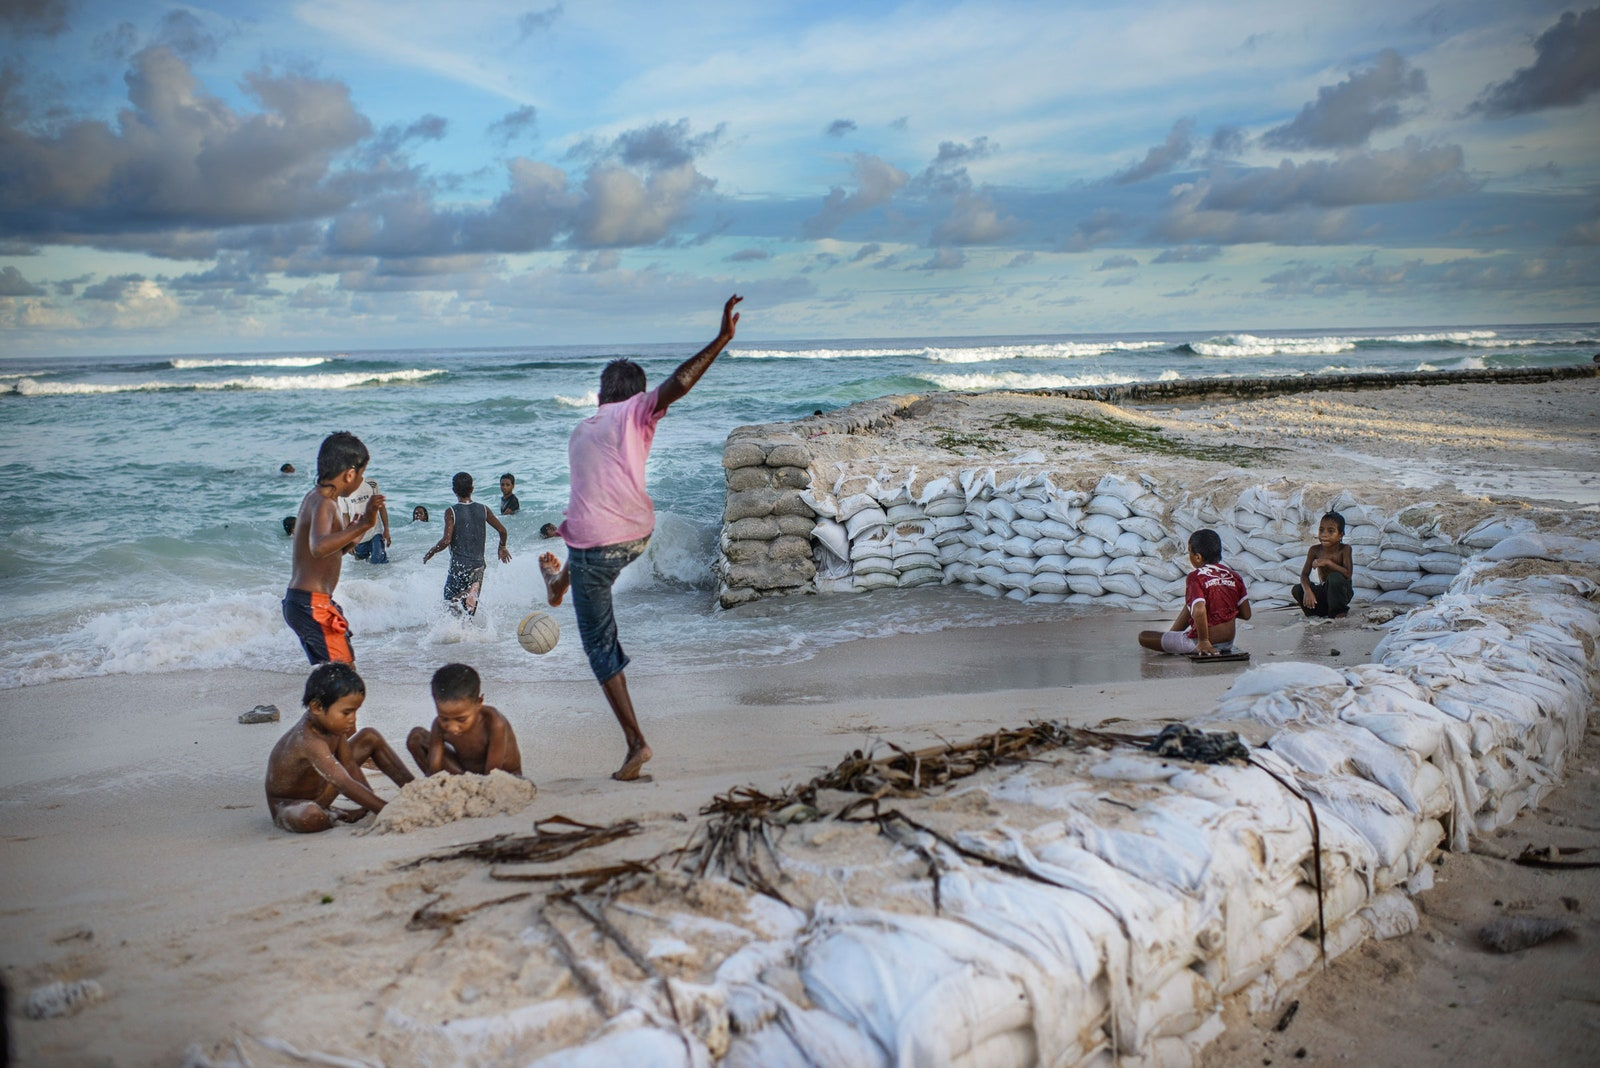 niños jugando cerca de bolsas de arena.